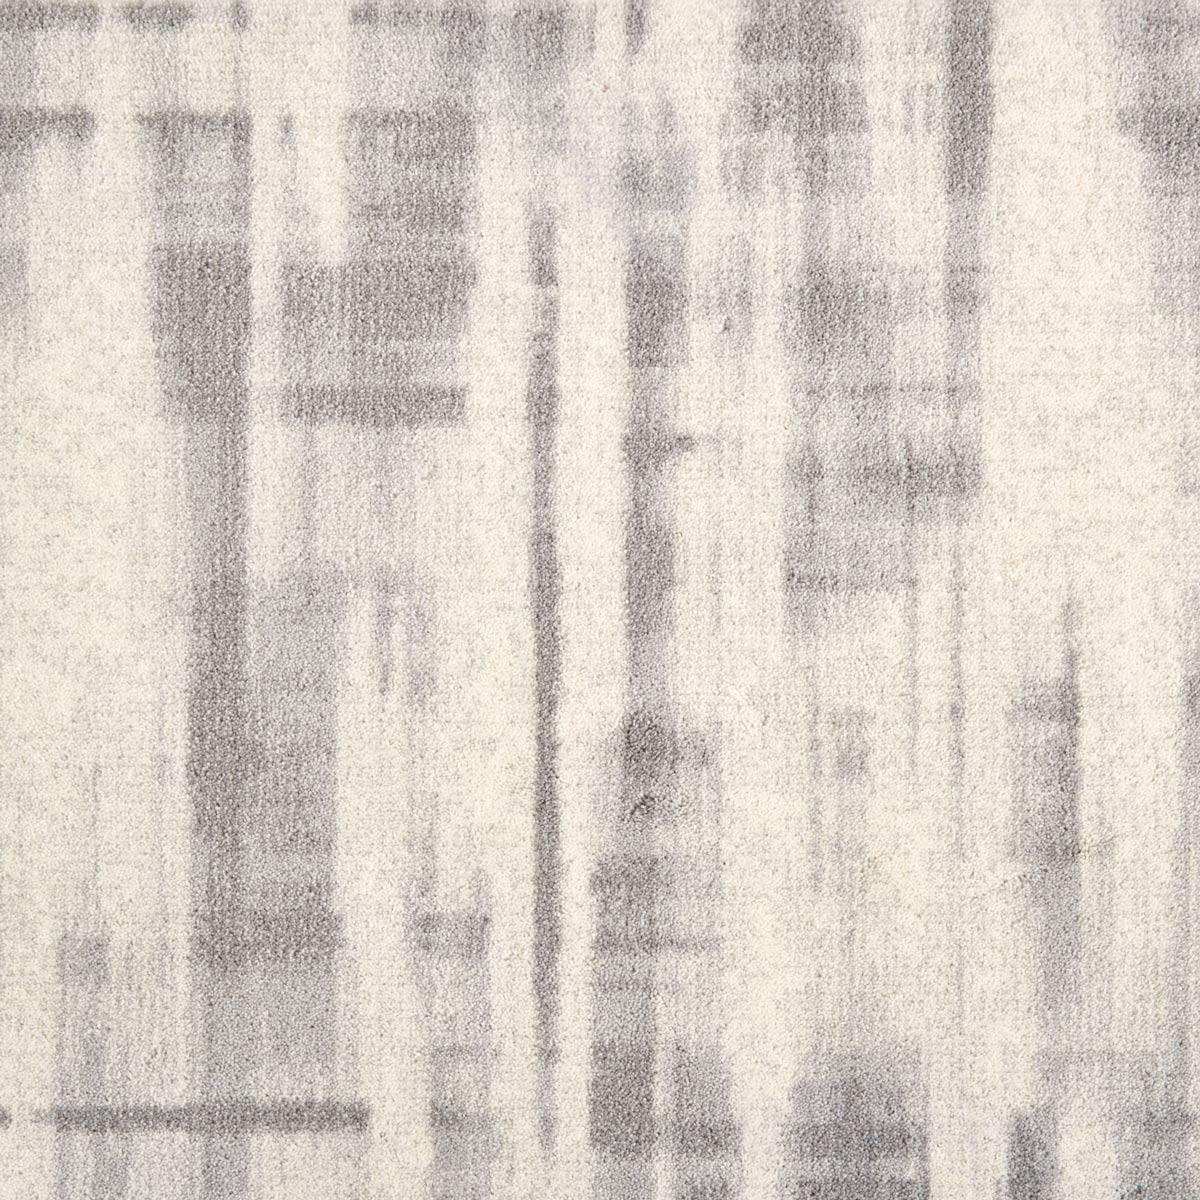 exit_wool_broadloom_patterson-flynn-martin_pfm